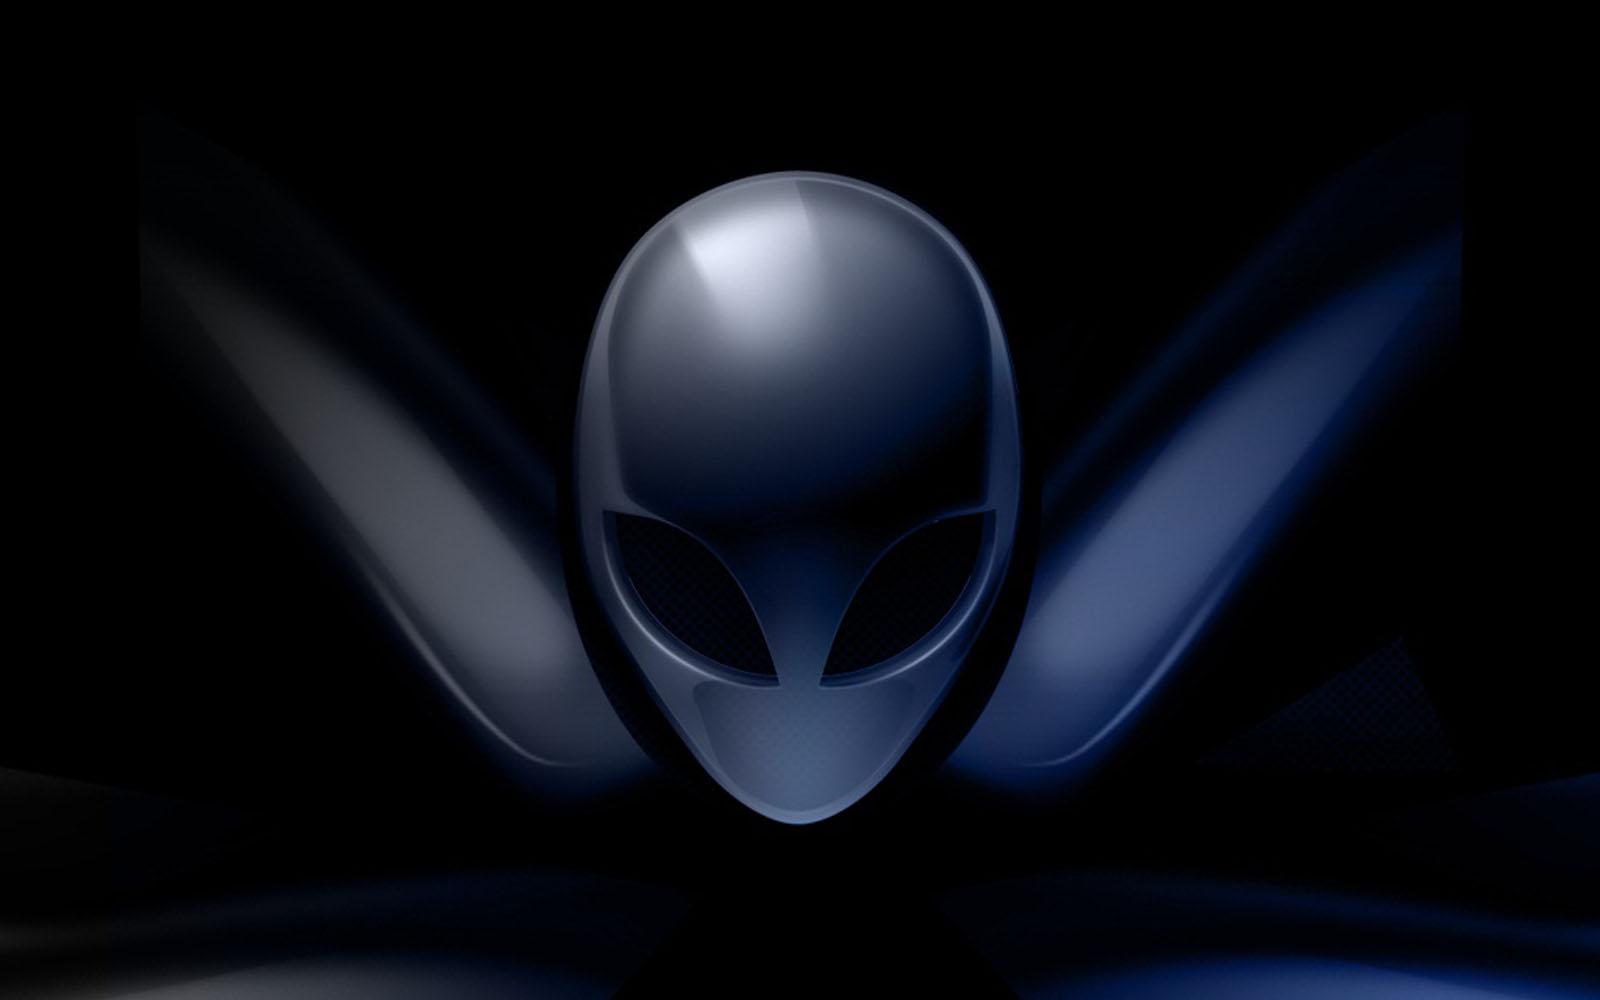 alienware desktop - photo #7